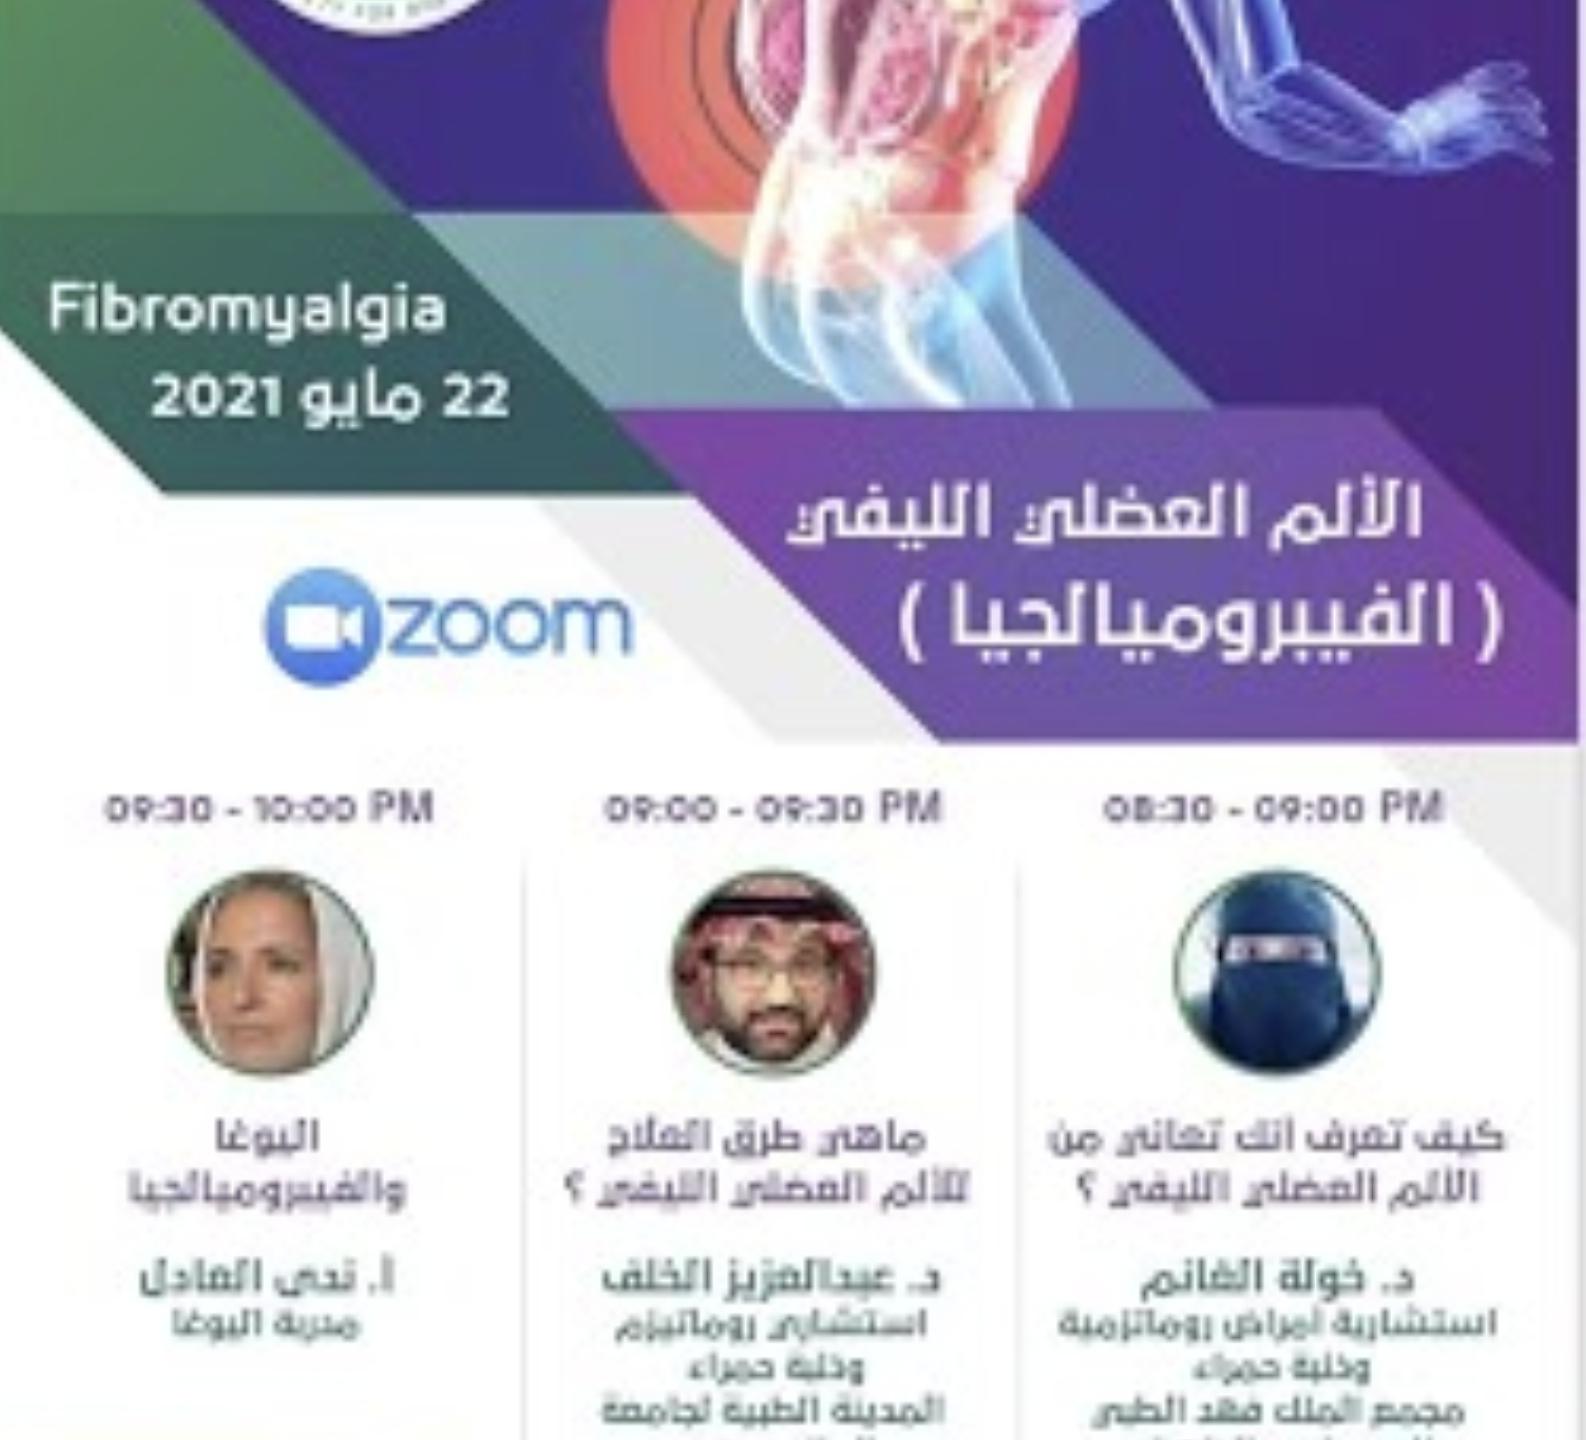 الالم العضلي الليفي(الفيبرومياليجيا)